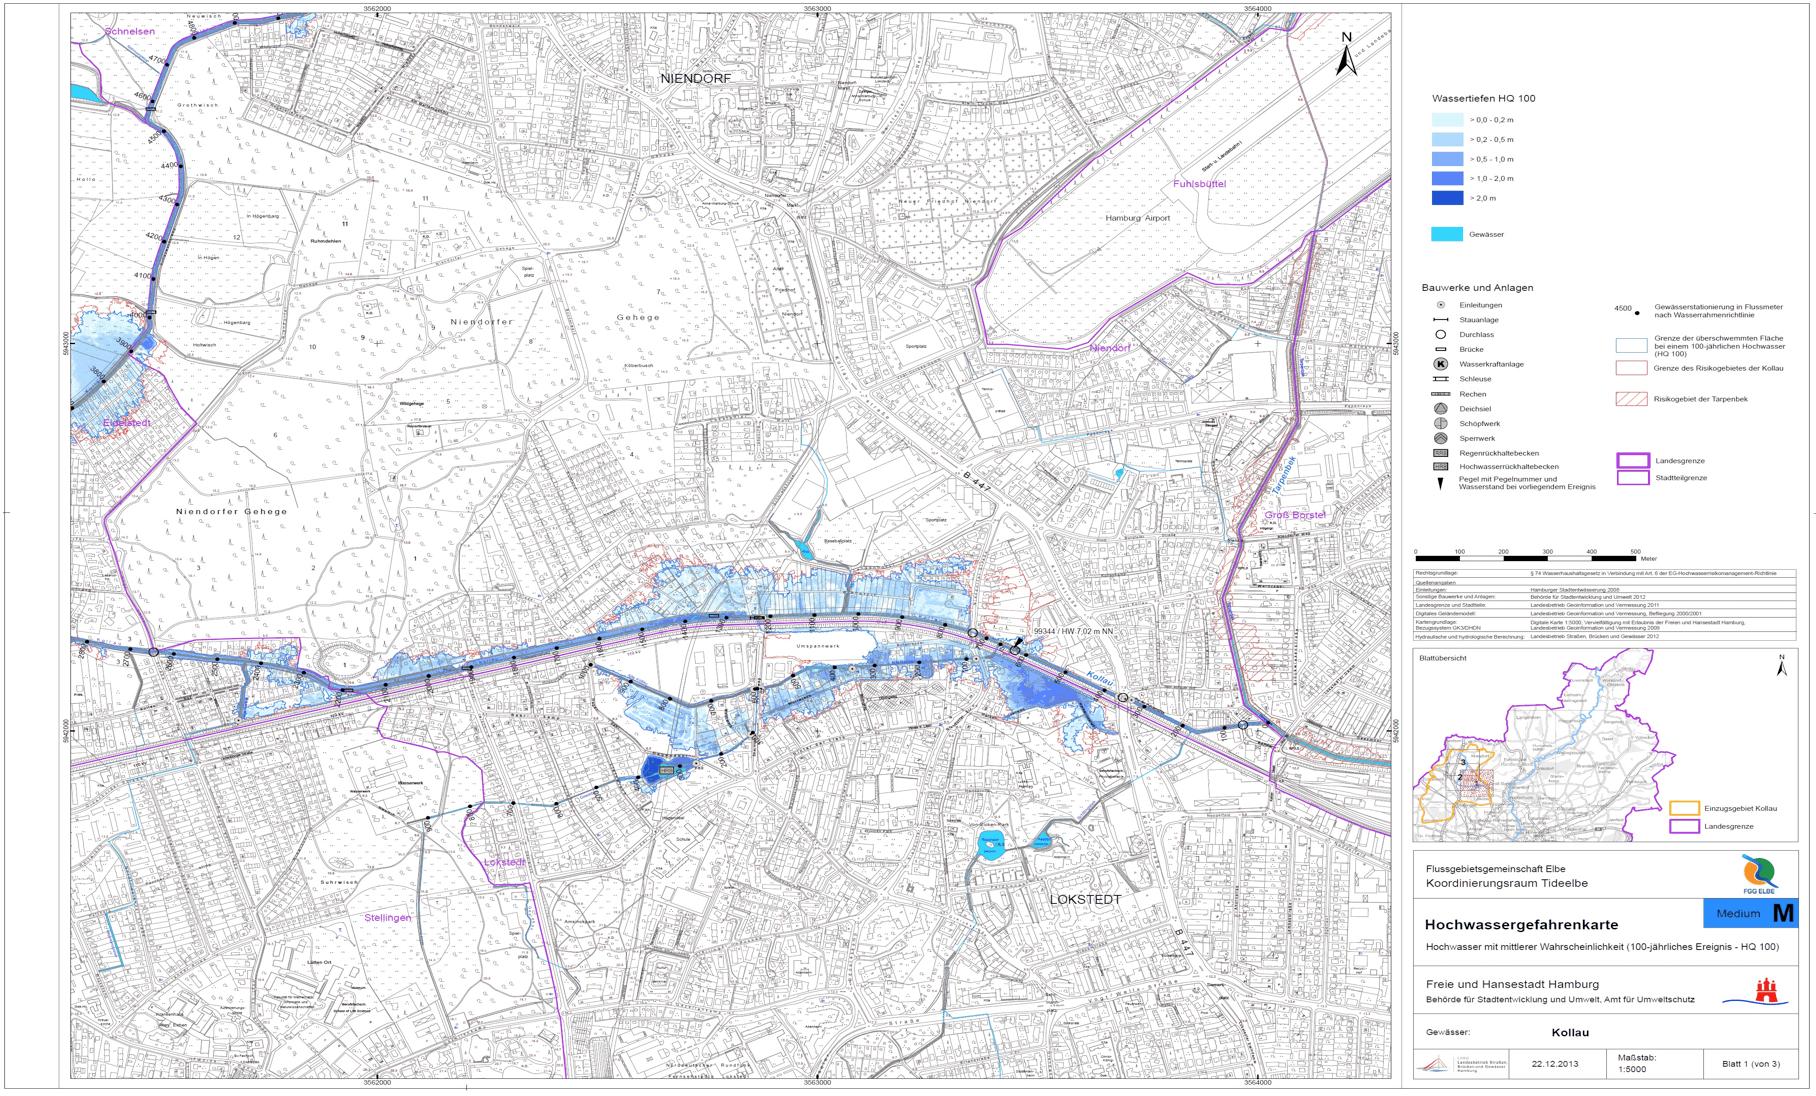 2.3.1 Beschreibung der Inhalte der Karten - Publikationen der FGG Elbe